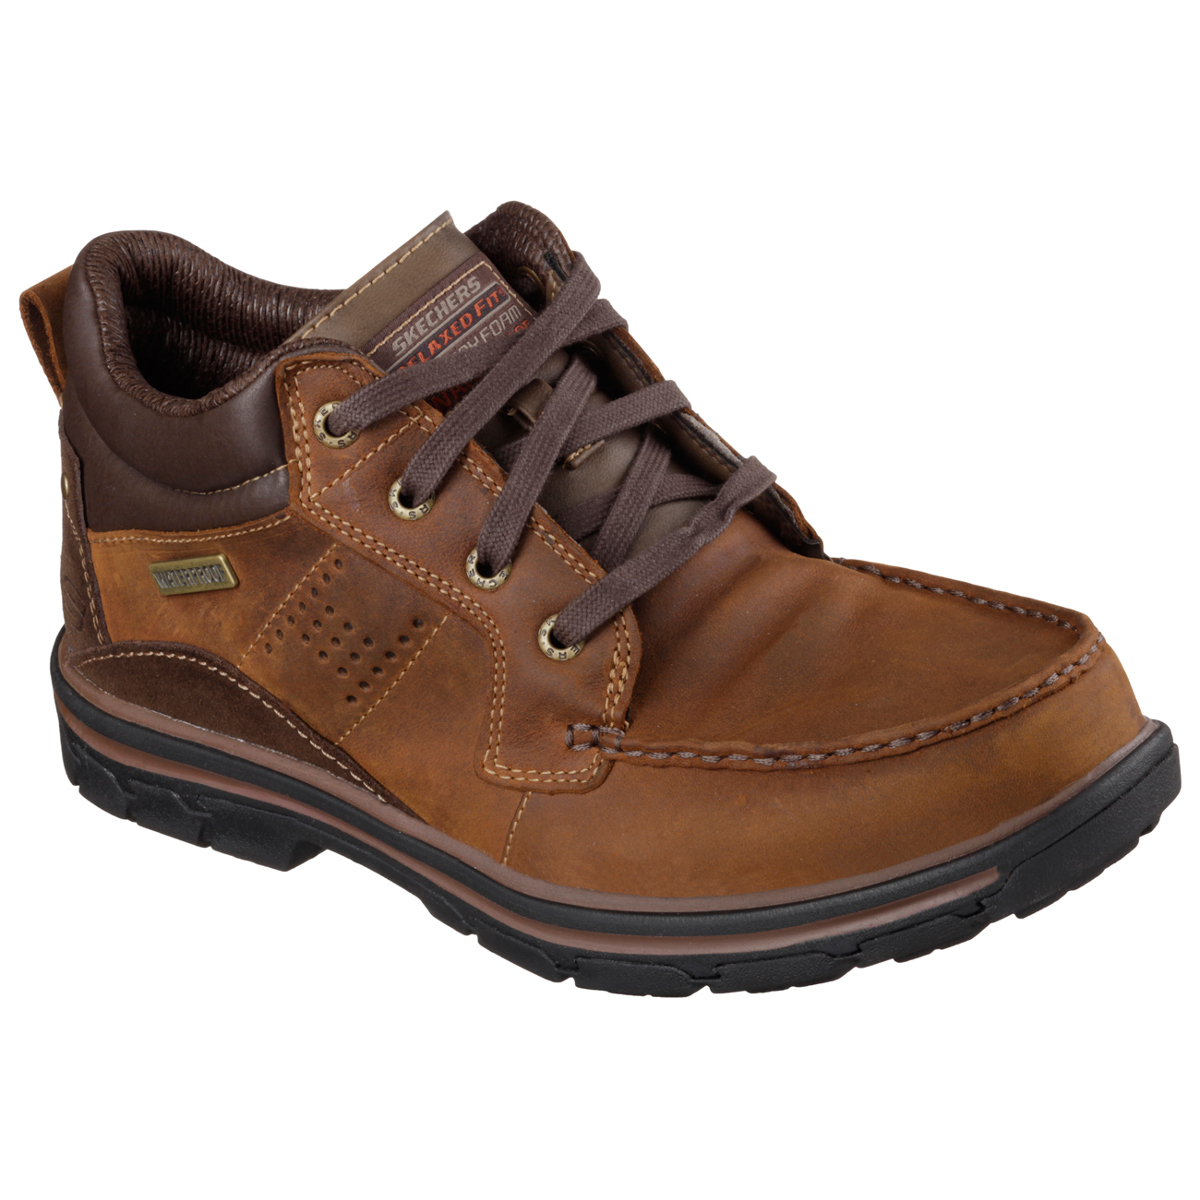 Skechers Men's Melego Shoes - Brown, 10.5